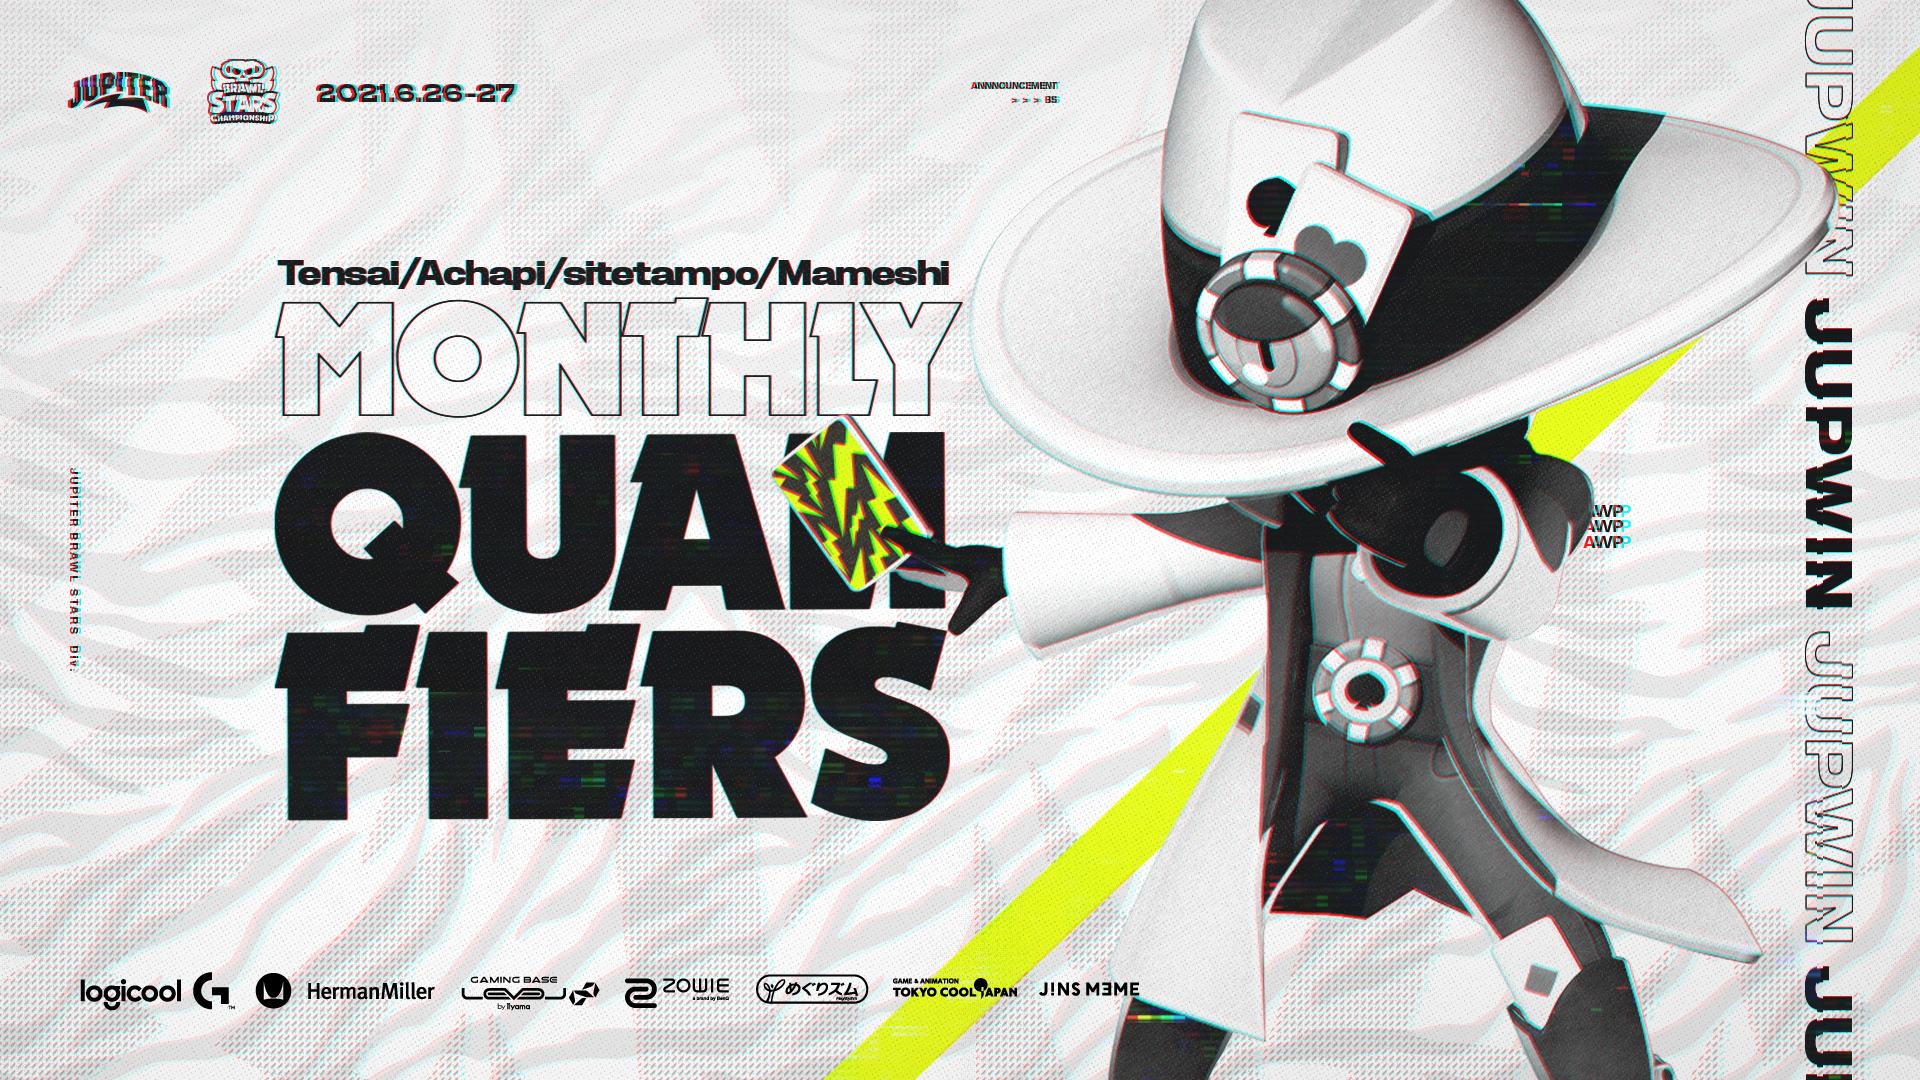 ブロスタ – 『Brawl Stars Championship June Monthly Qualifiers』結果報告